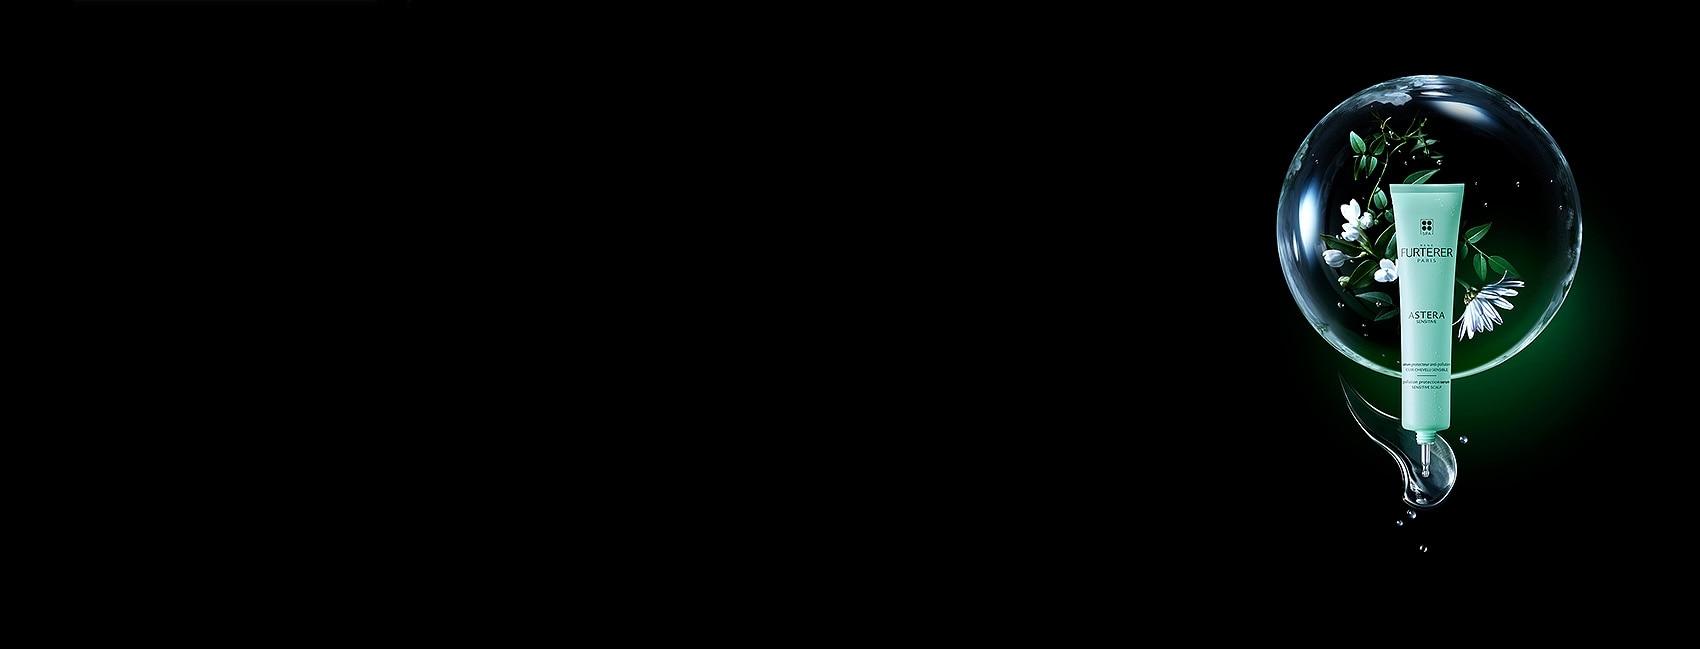 ASTERA SENSITIVE - Rituale dermo-protettivo - Cuoio capelluto sensibile | René Furterer